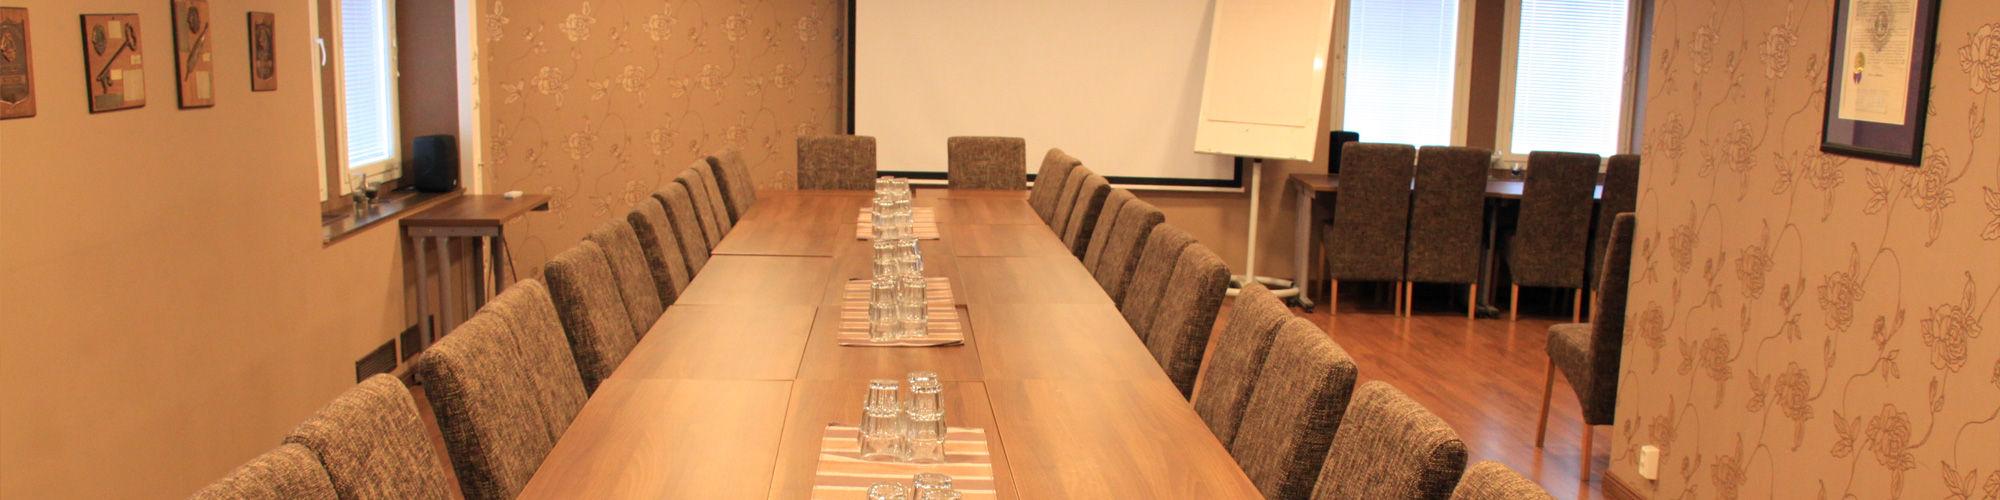 Yläkerran kokoustilat